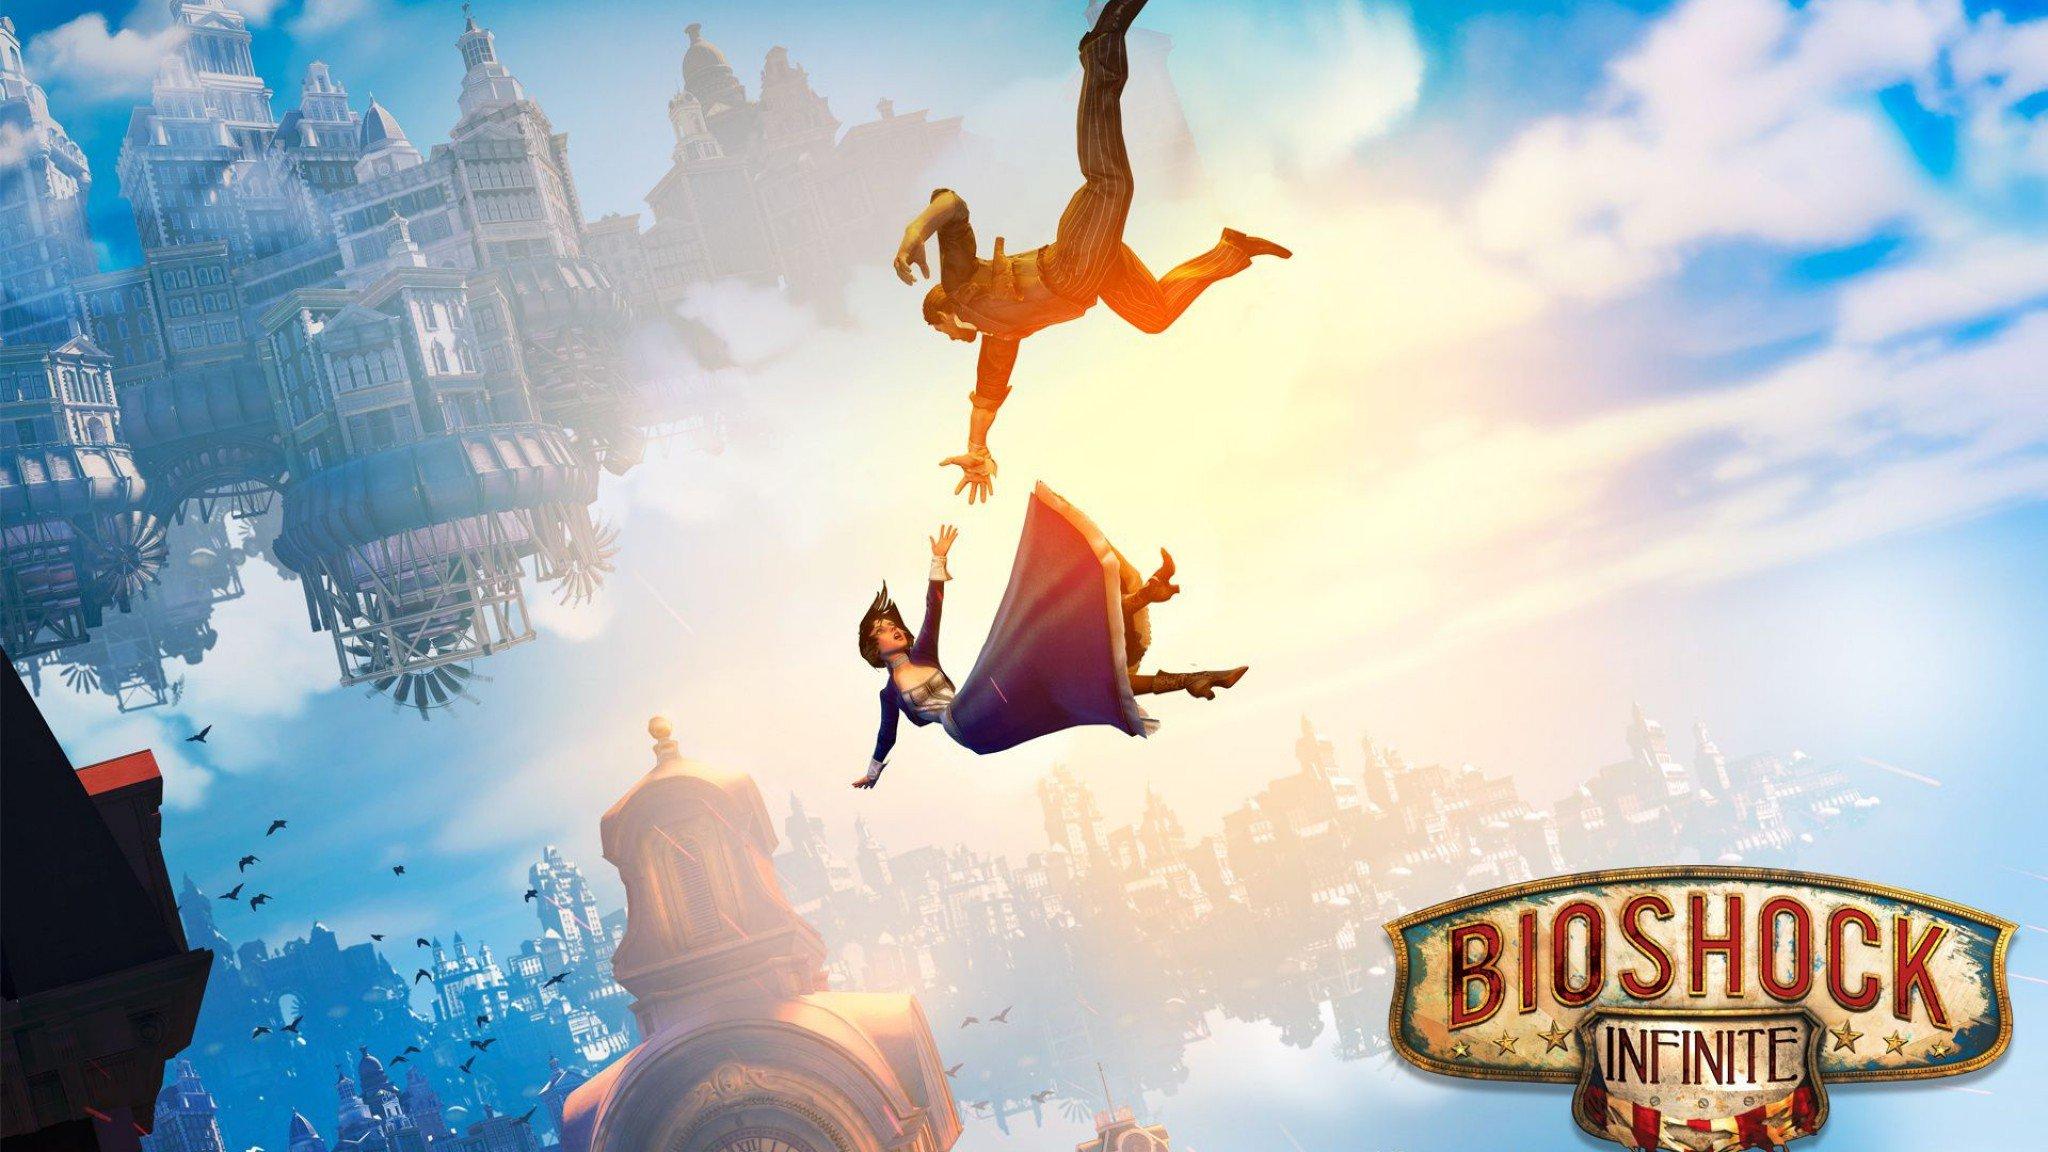 BioShock Infinite исполнилось 2 года!. - Изображение 1